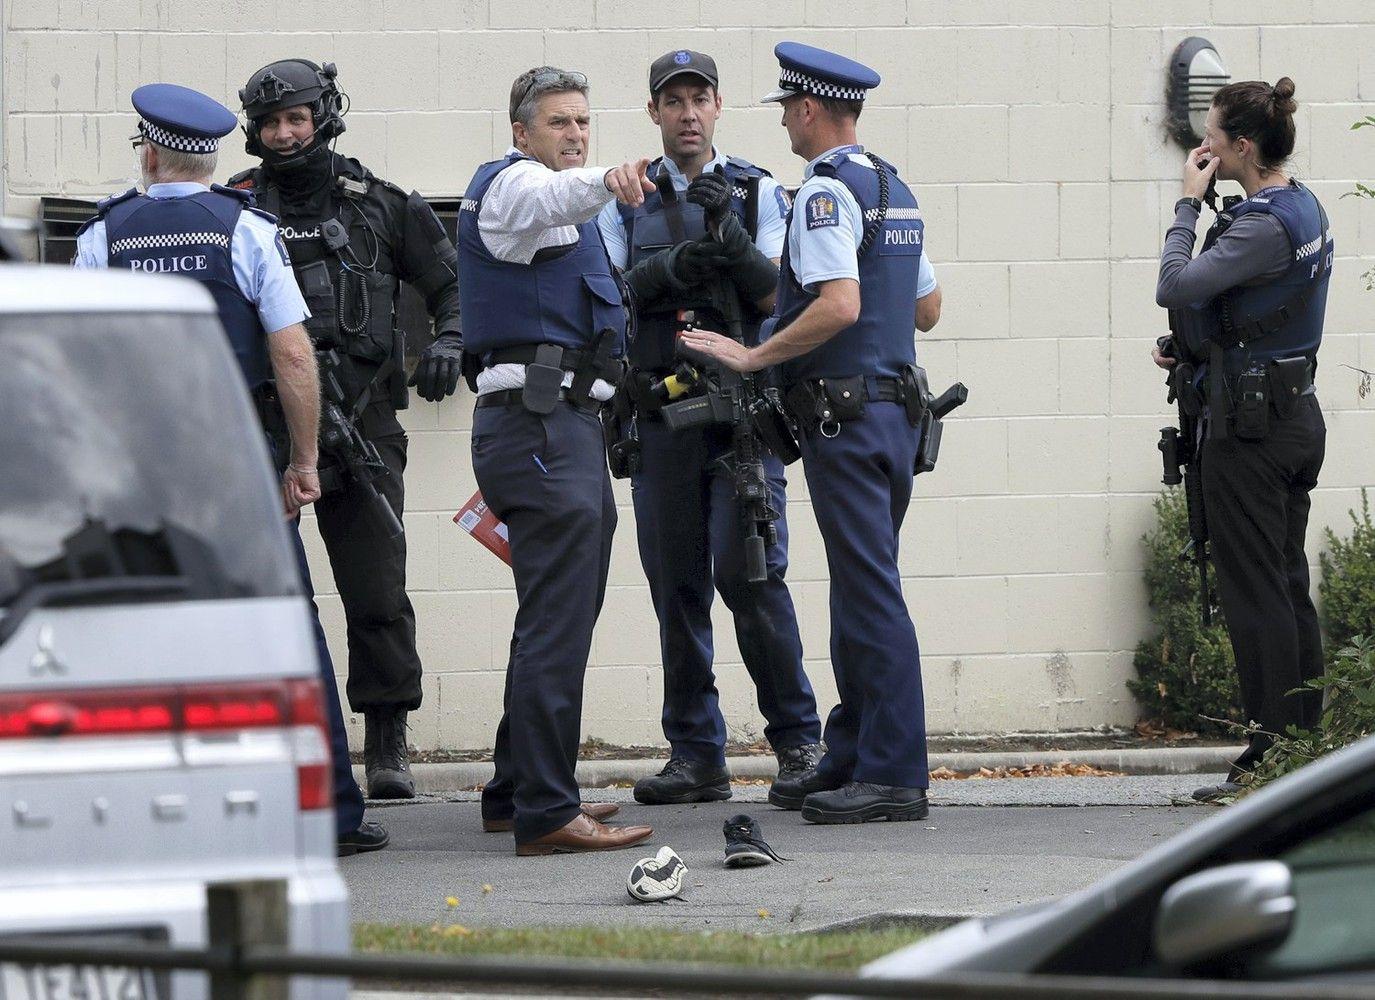 Naująją Zelandiją sukrėtė mirtini išpuoliai mečetėse